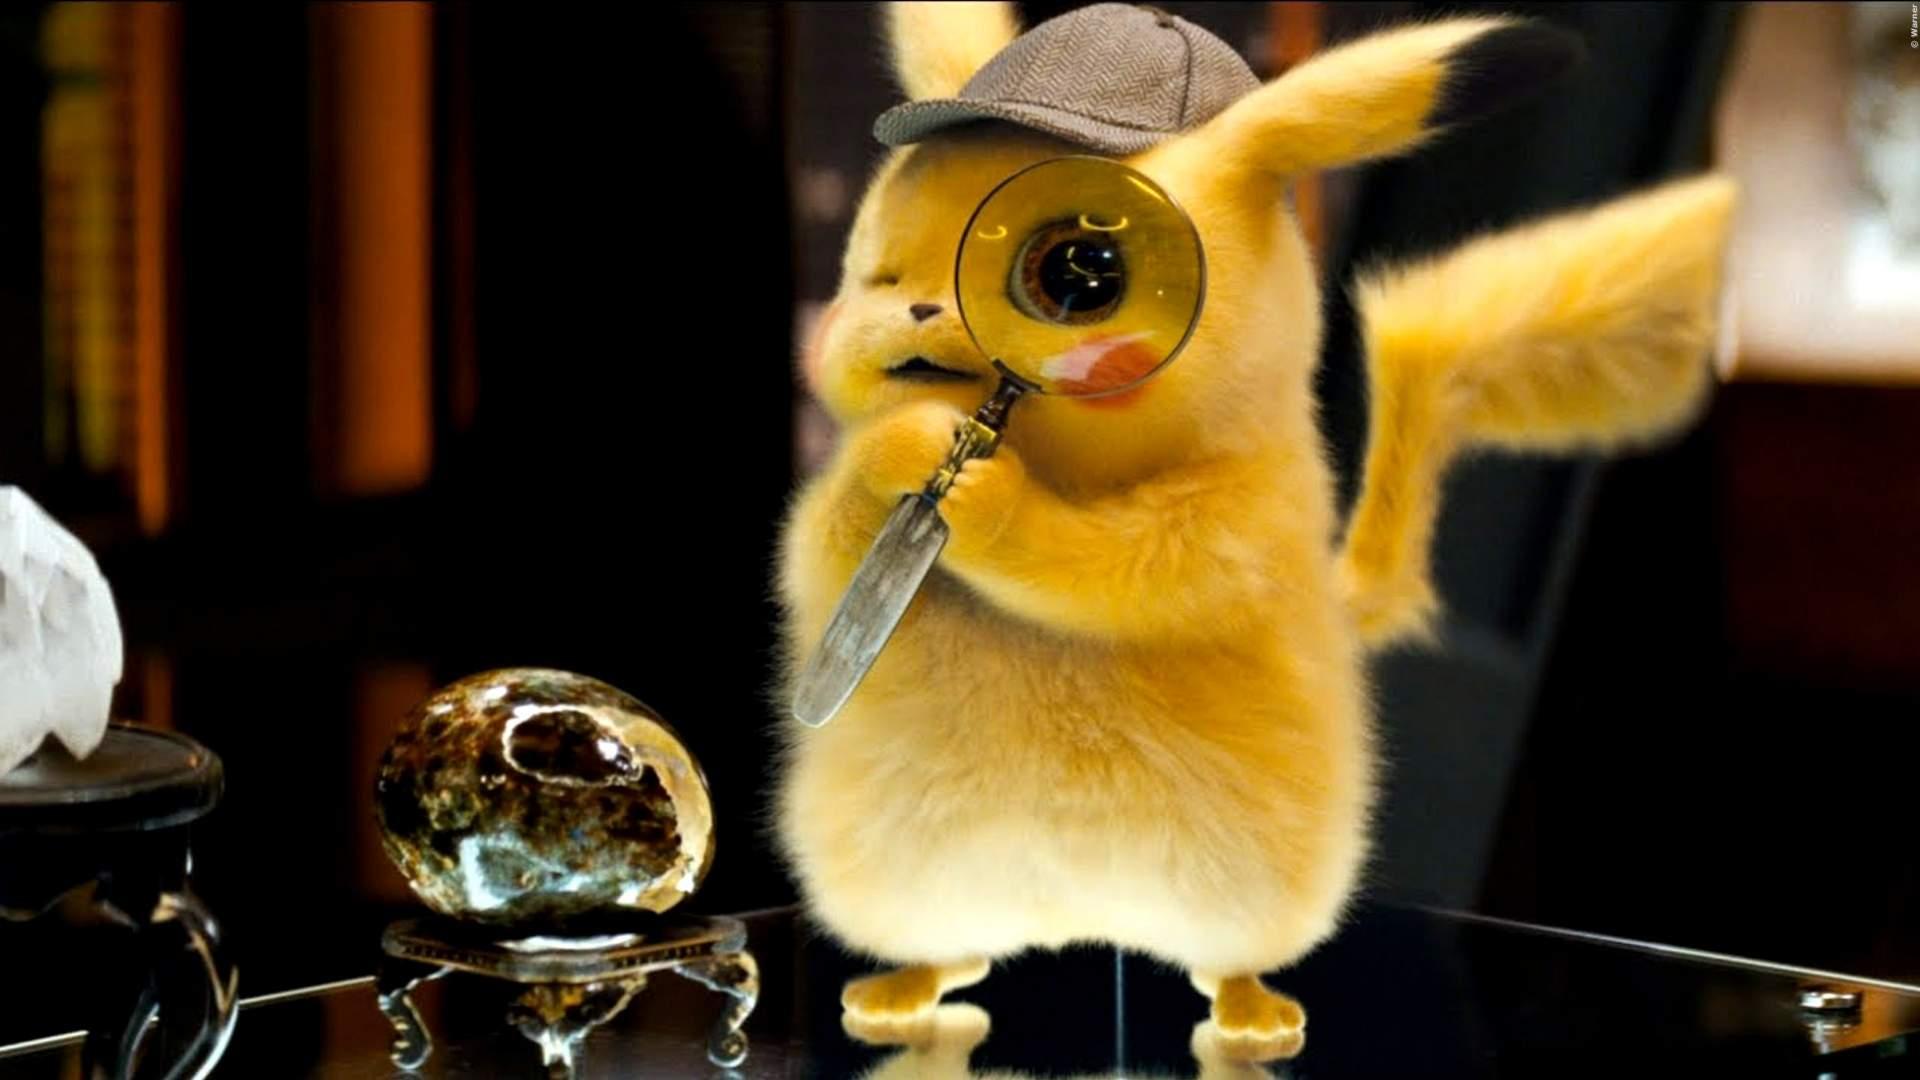 FORTSETZUNG: Kommt 'Pikachu 2' oder ein ganz anderer Pokémon-Film?